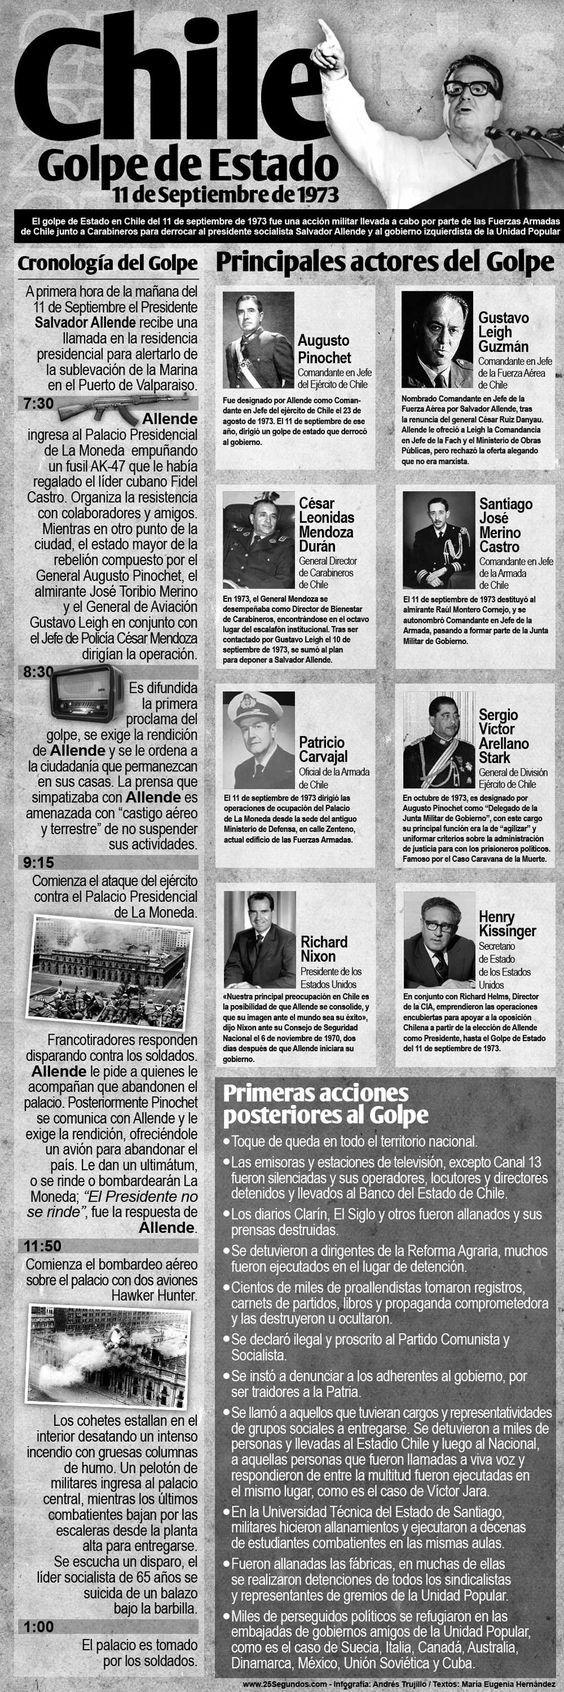 Golpe de estado Chile 11S1973: